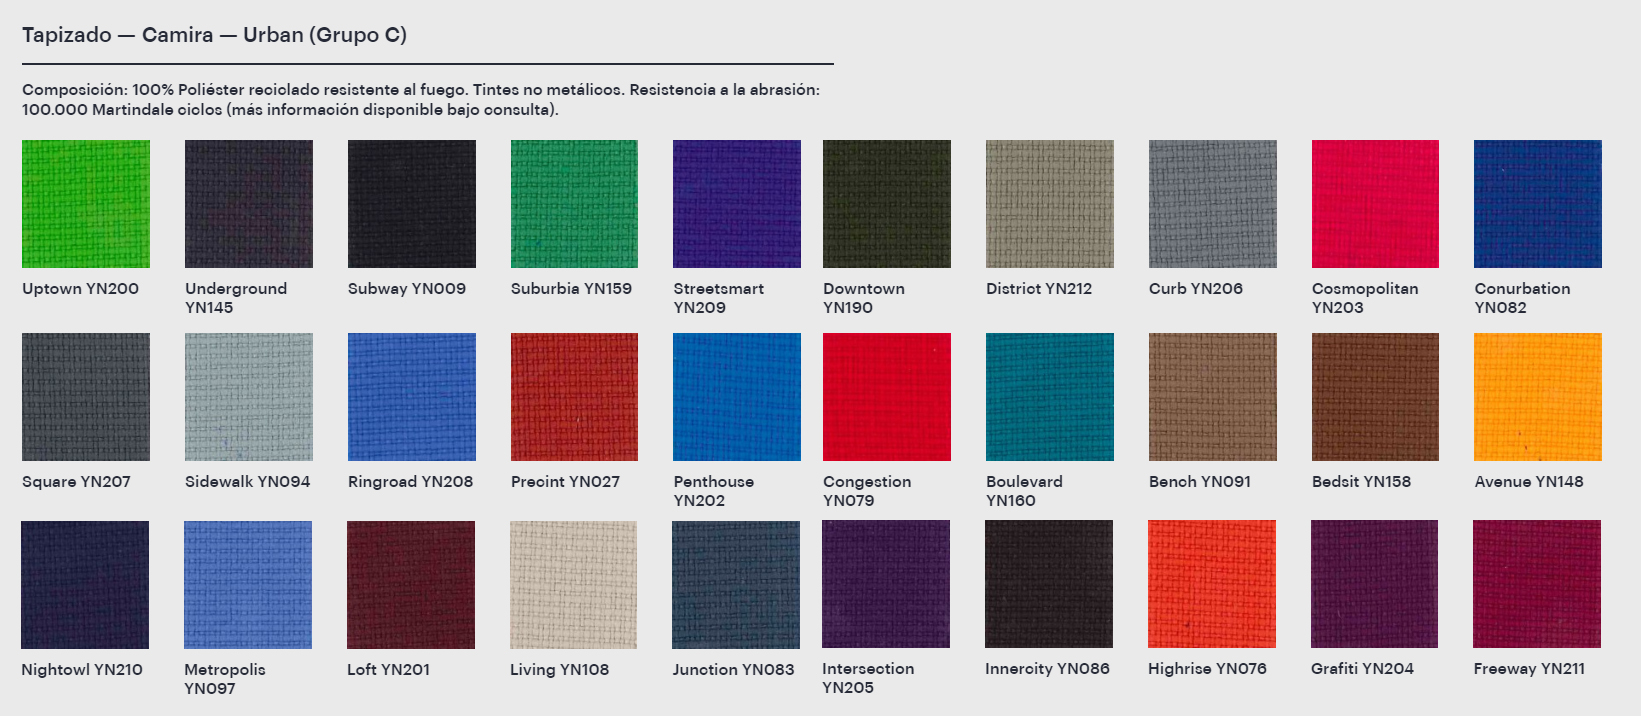 Tapizados de colores Silla de Diseño Giratoria Lottus Conference de ENEA